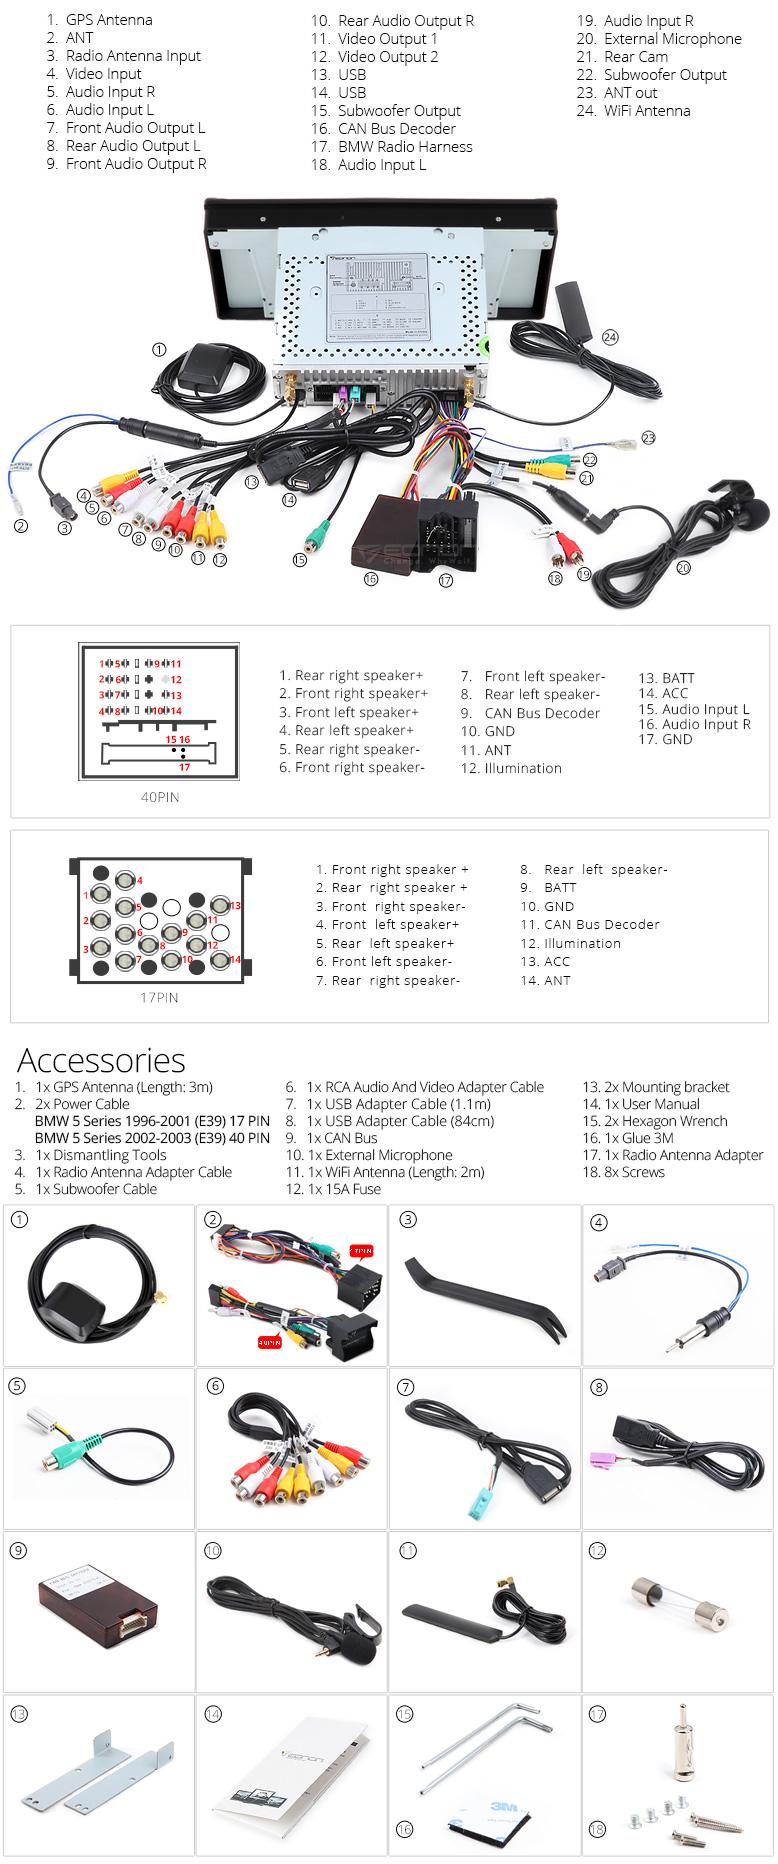 src=http://www.eonon.com/upload/product/Gallery/GA7201/GA7201